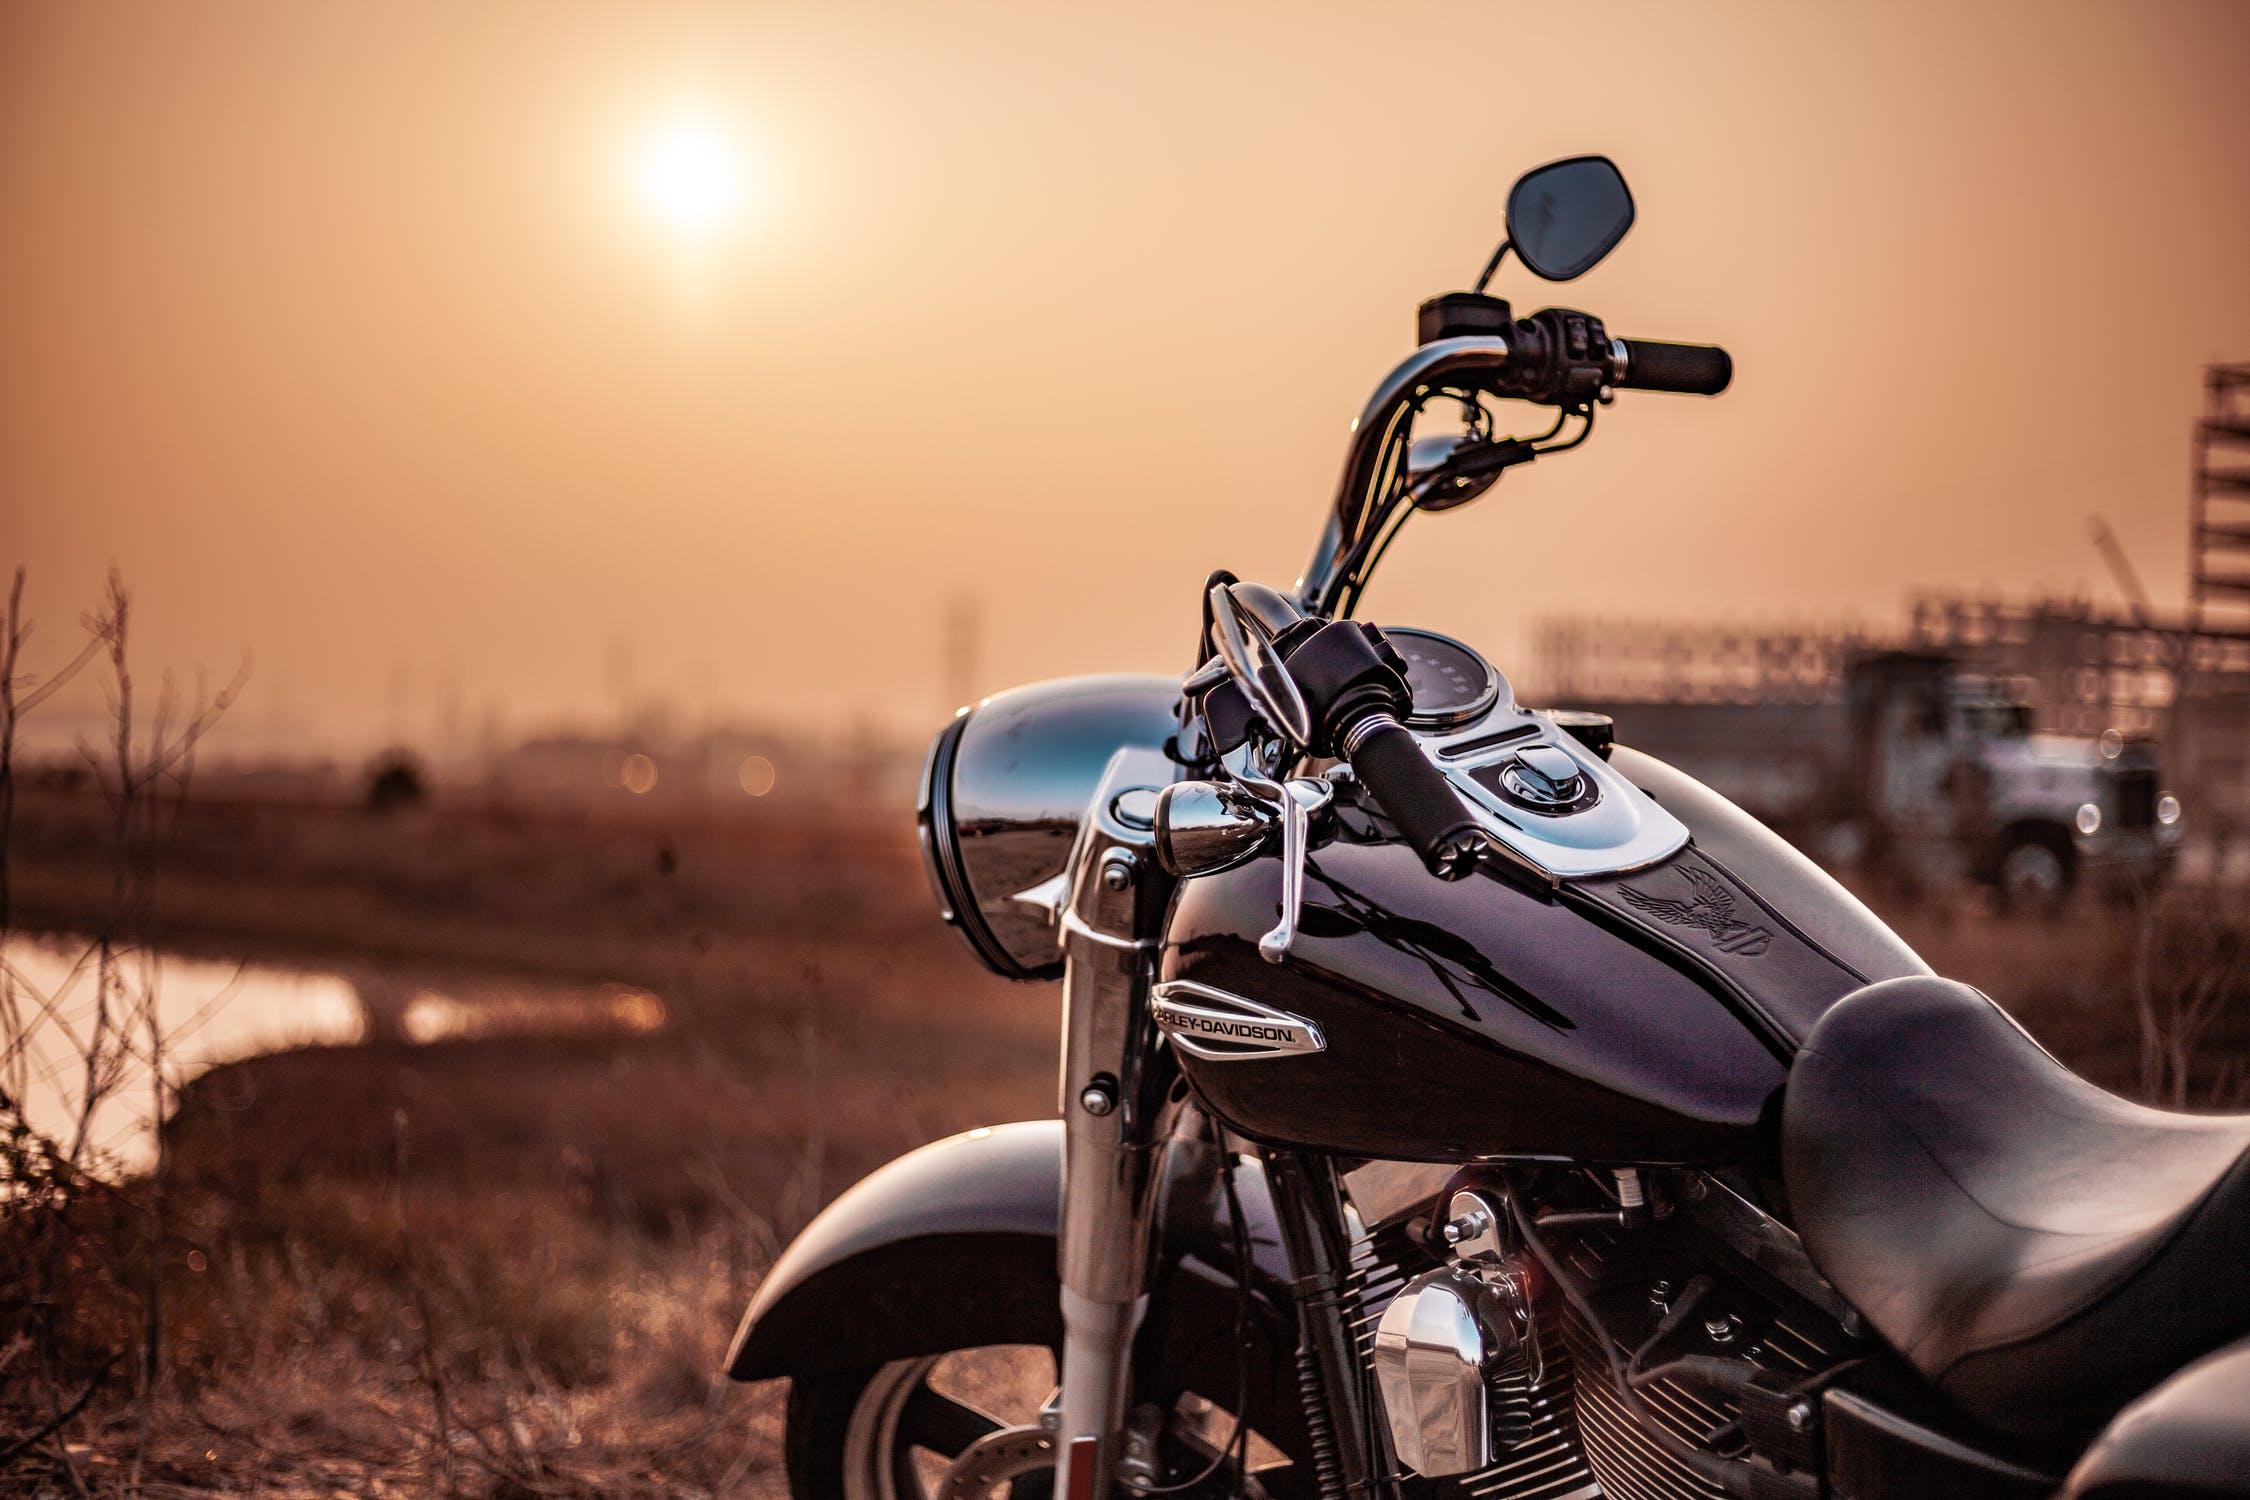 大型・中型バイク(二輪)免許合宿の値段は?最短&安い教習所を紹介